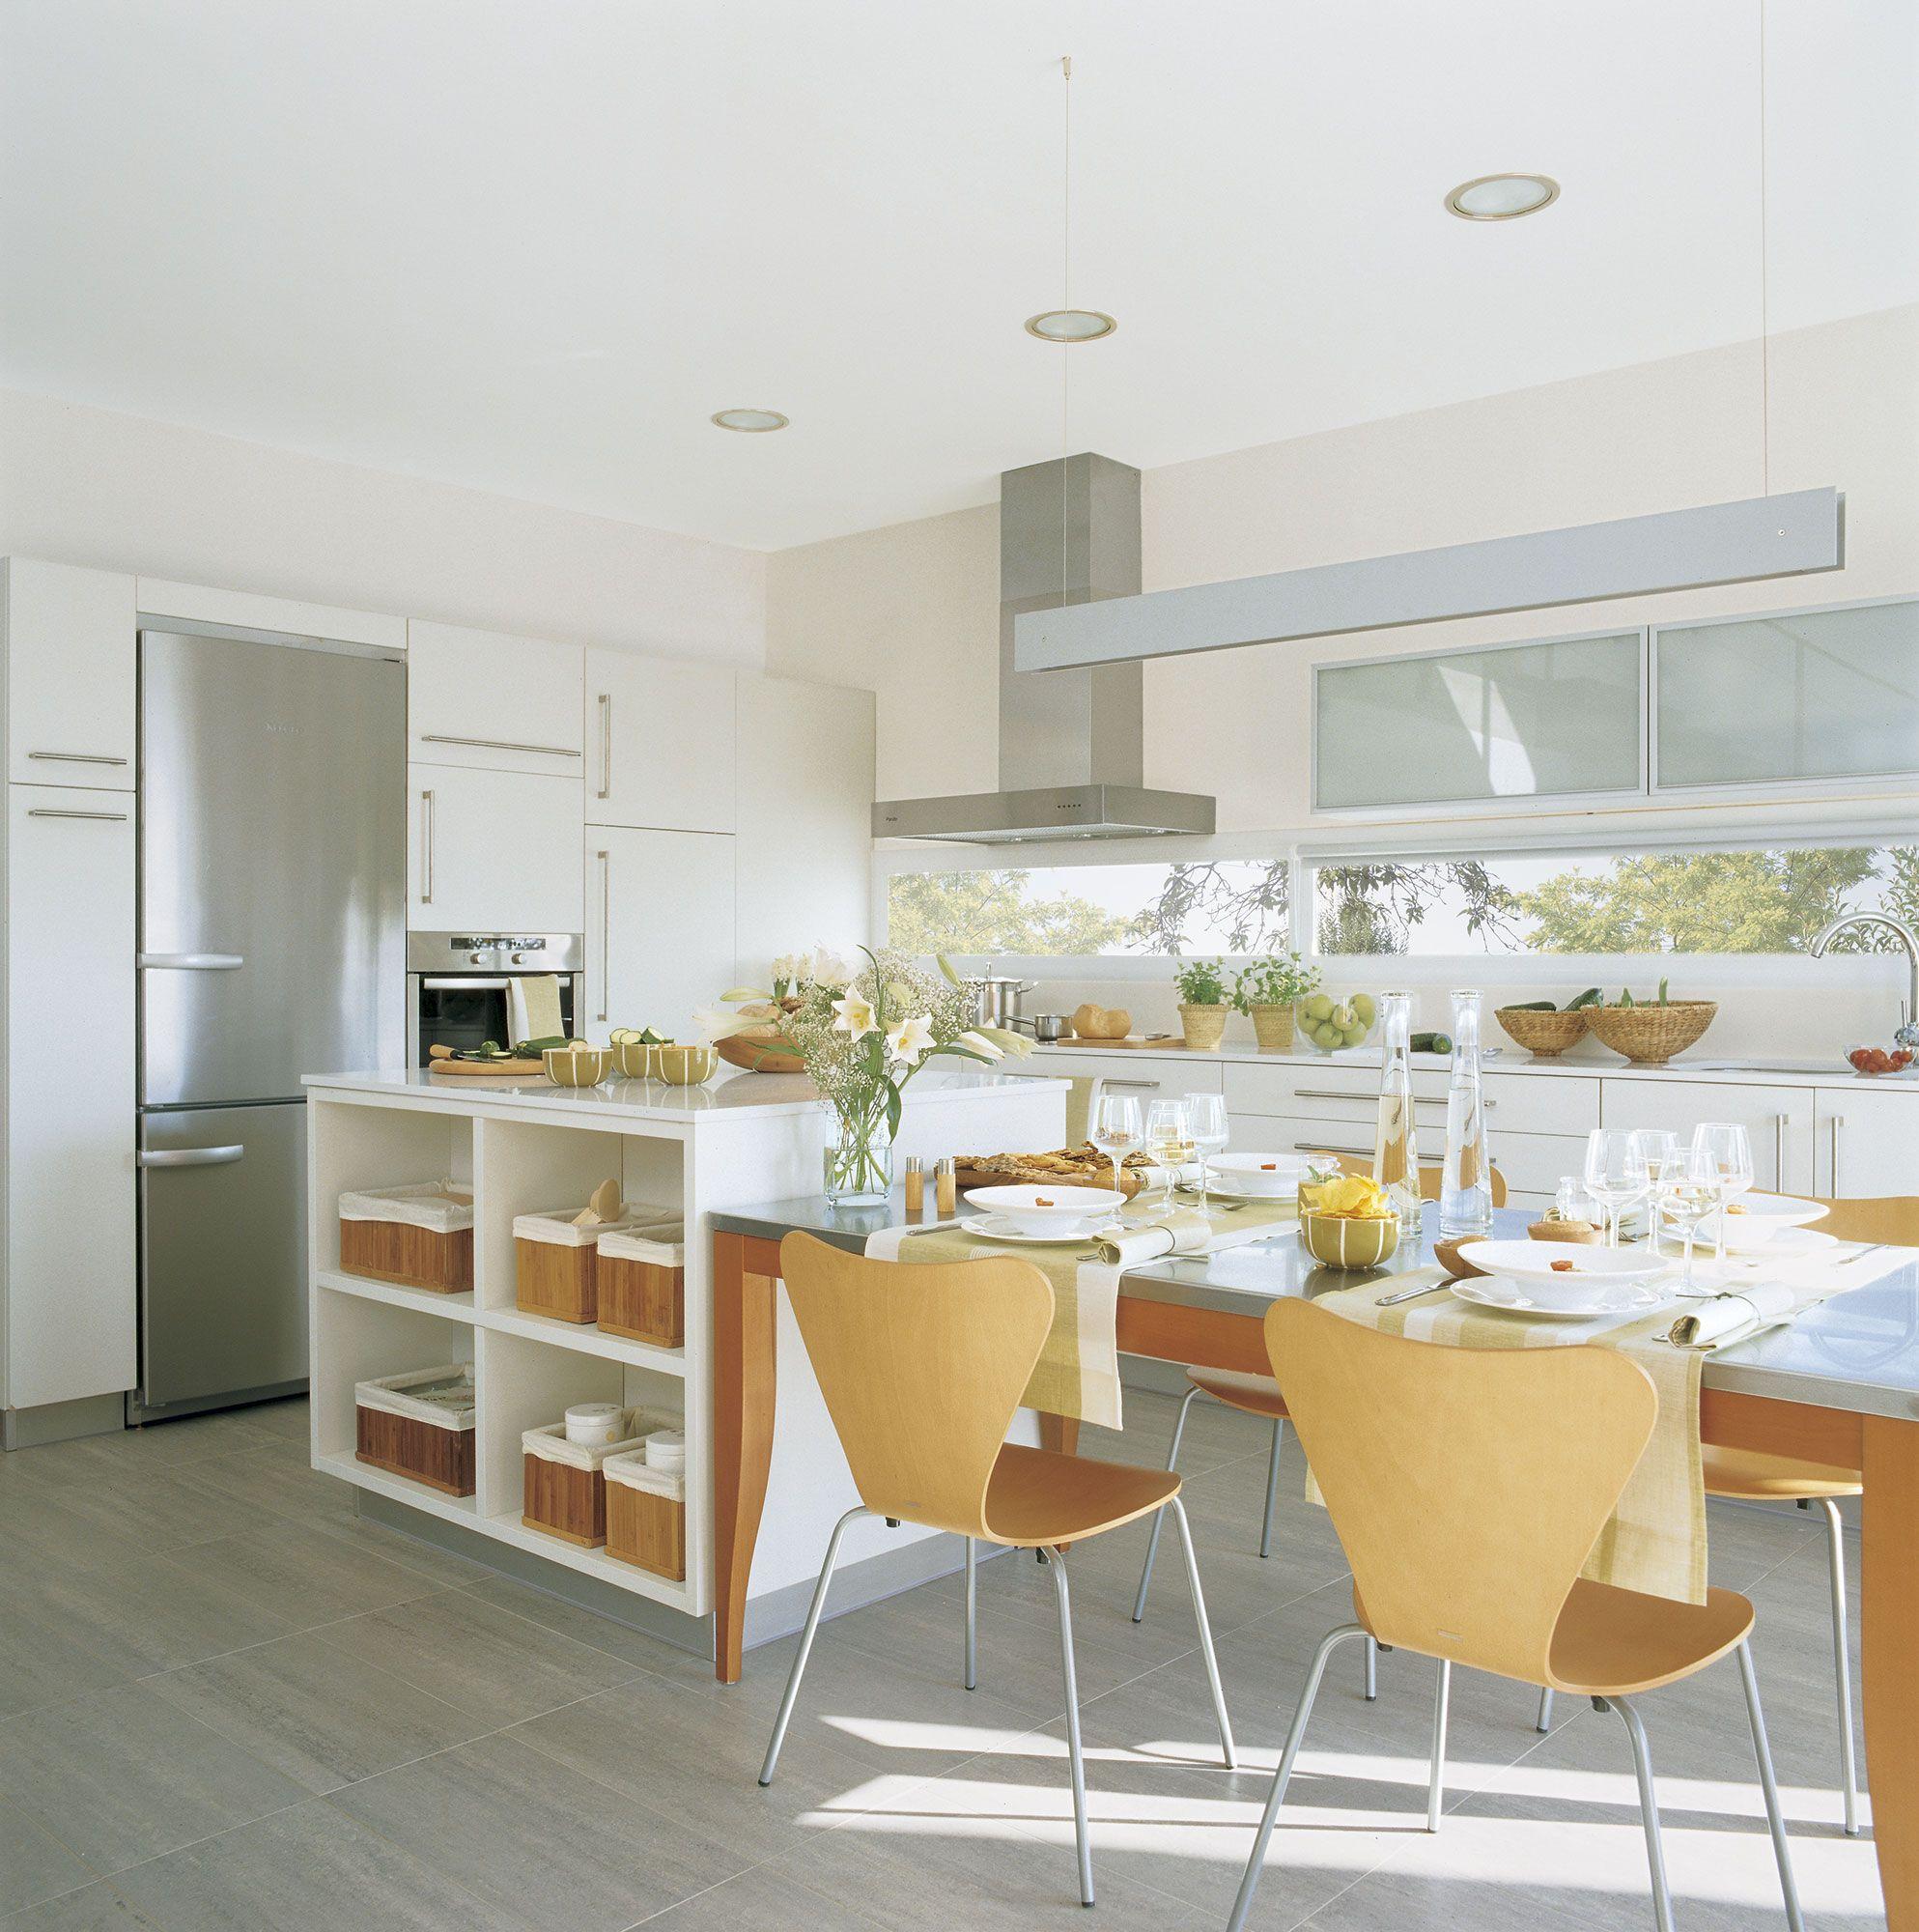 Cocina con mobiliario laminado en blanco con isla central for Cocinas blancas con electrodomesticos blancos